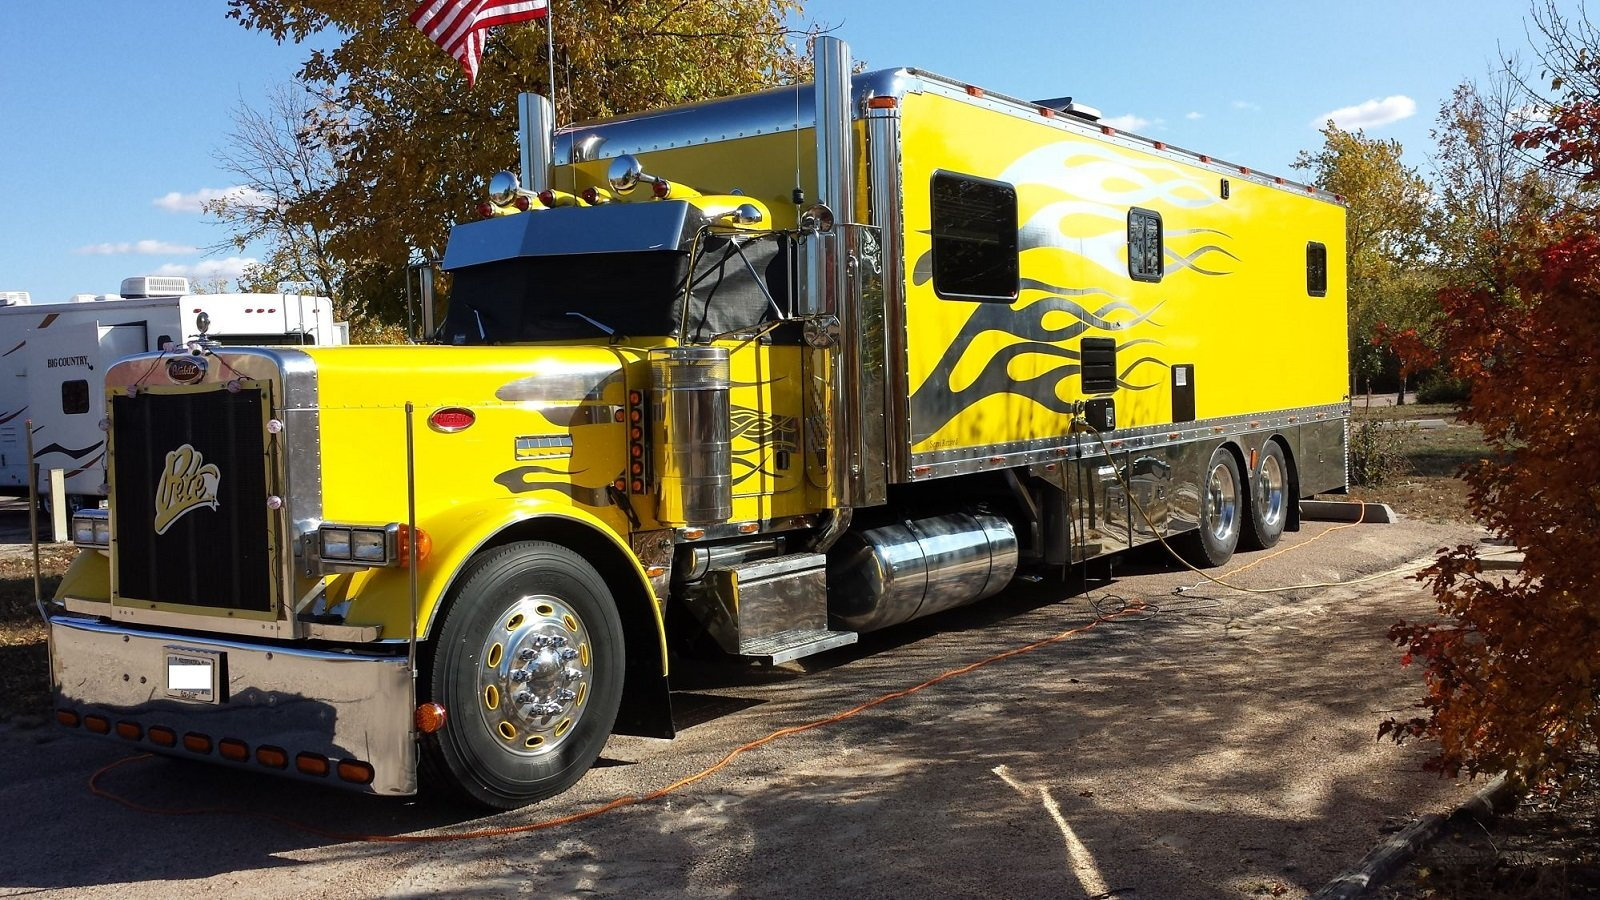 Semi trucks and big rigs